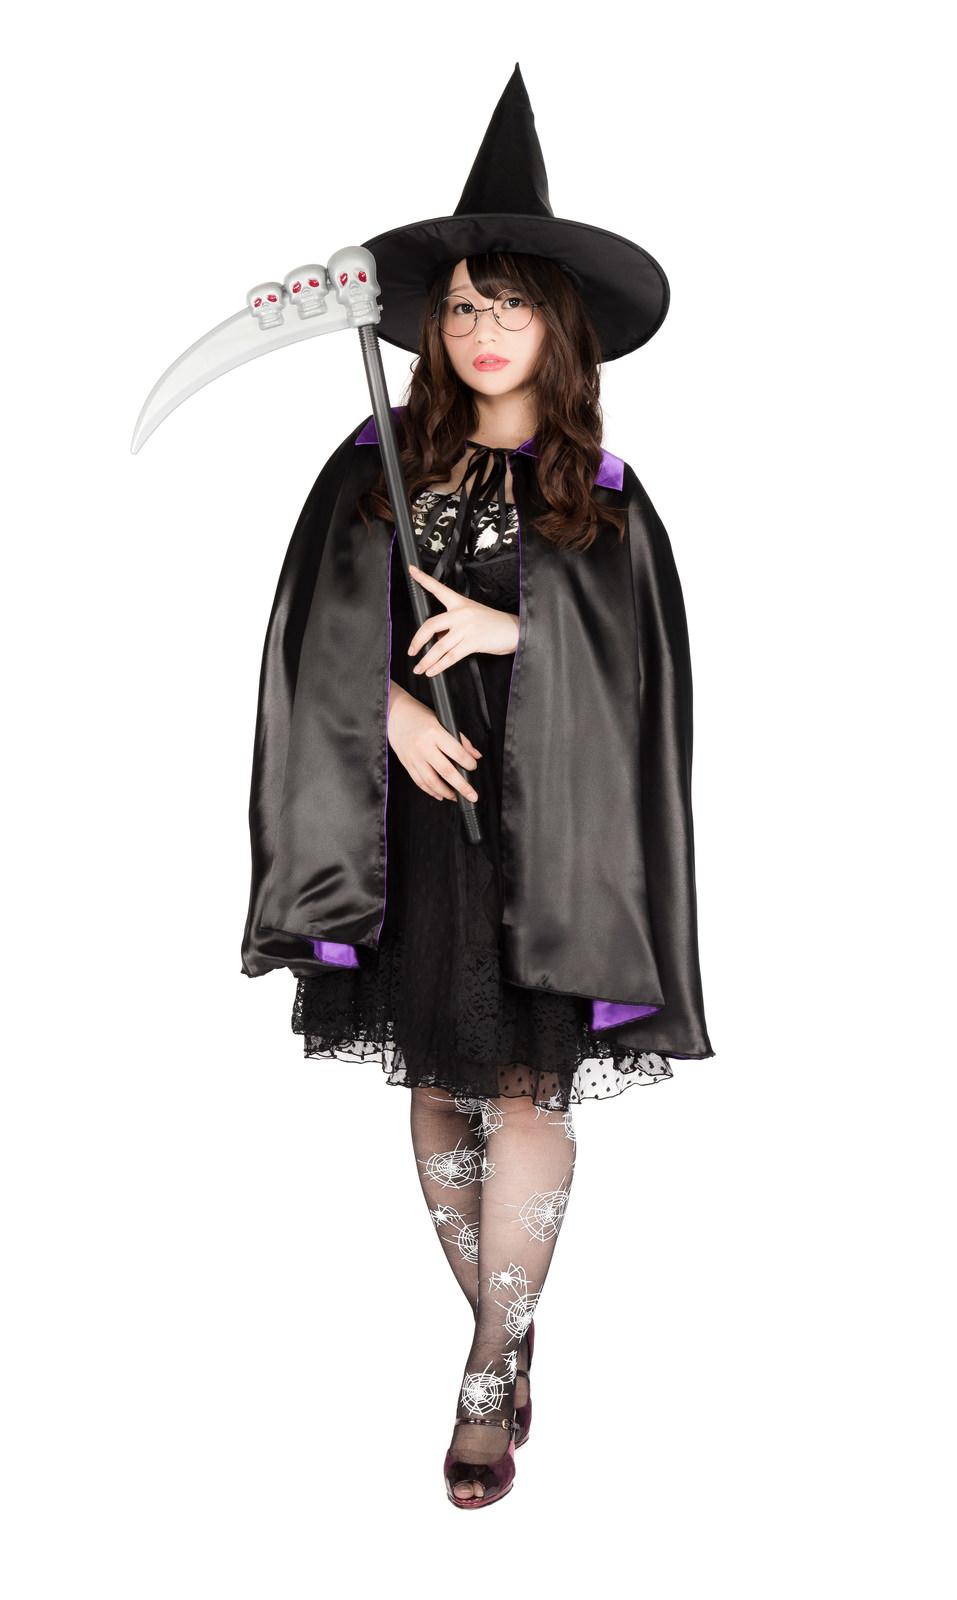 ハロウィンにヴィレヴァンで揃えた魔法使いグッズを着こなすグラビアアイドル(女性用)ハロウィンにヴィレヴァンで揃えた魔法使いグッズを着こなすグラビアアイドル(女性用) [モデル:茜さや]